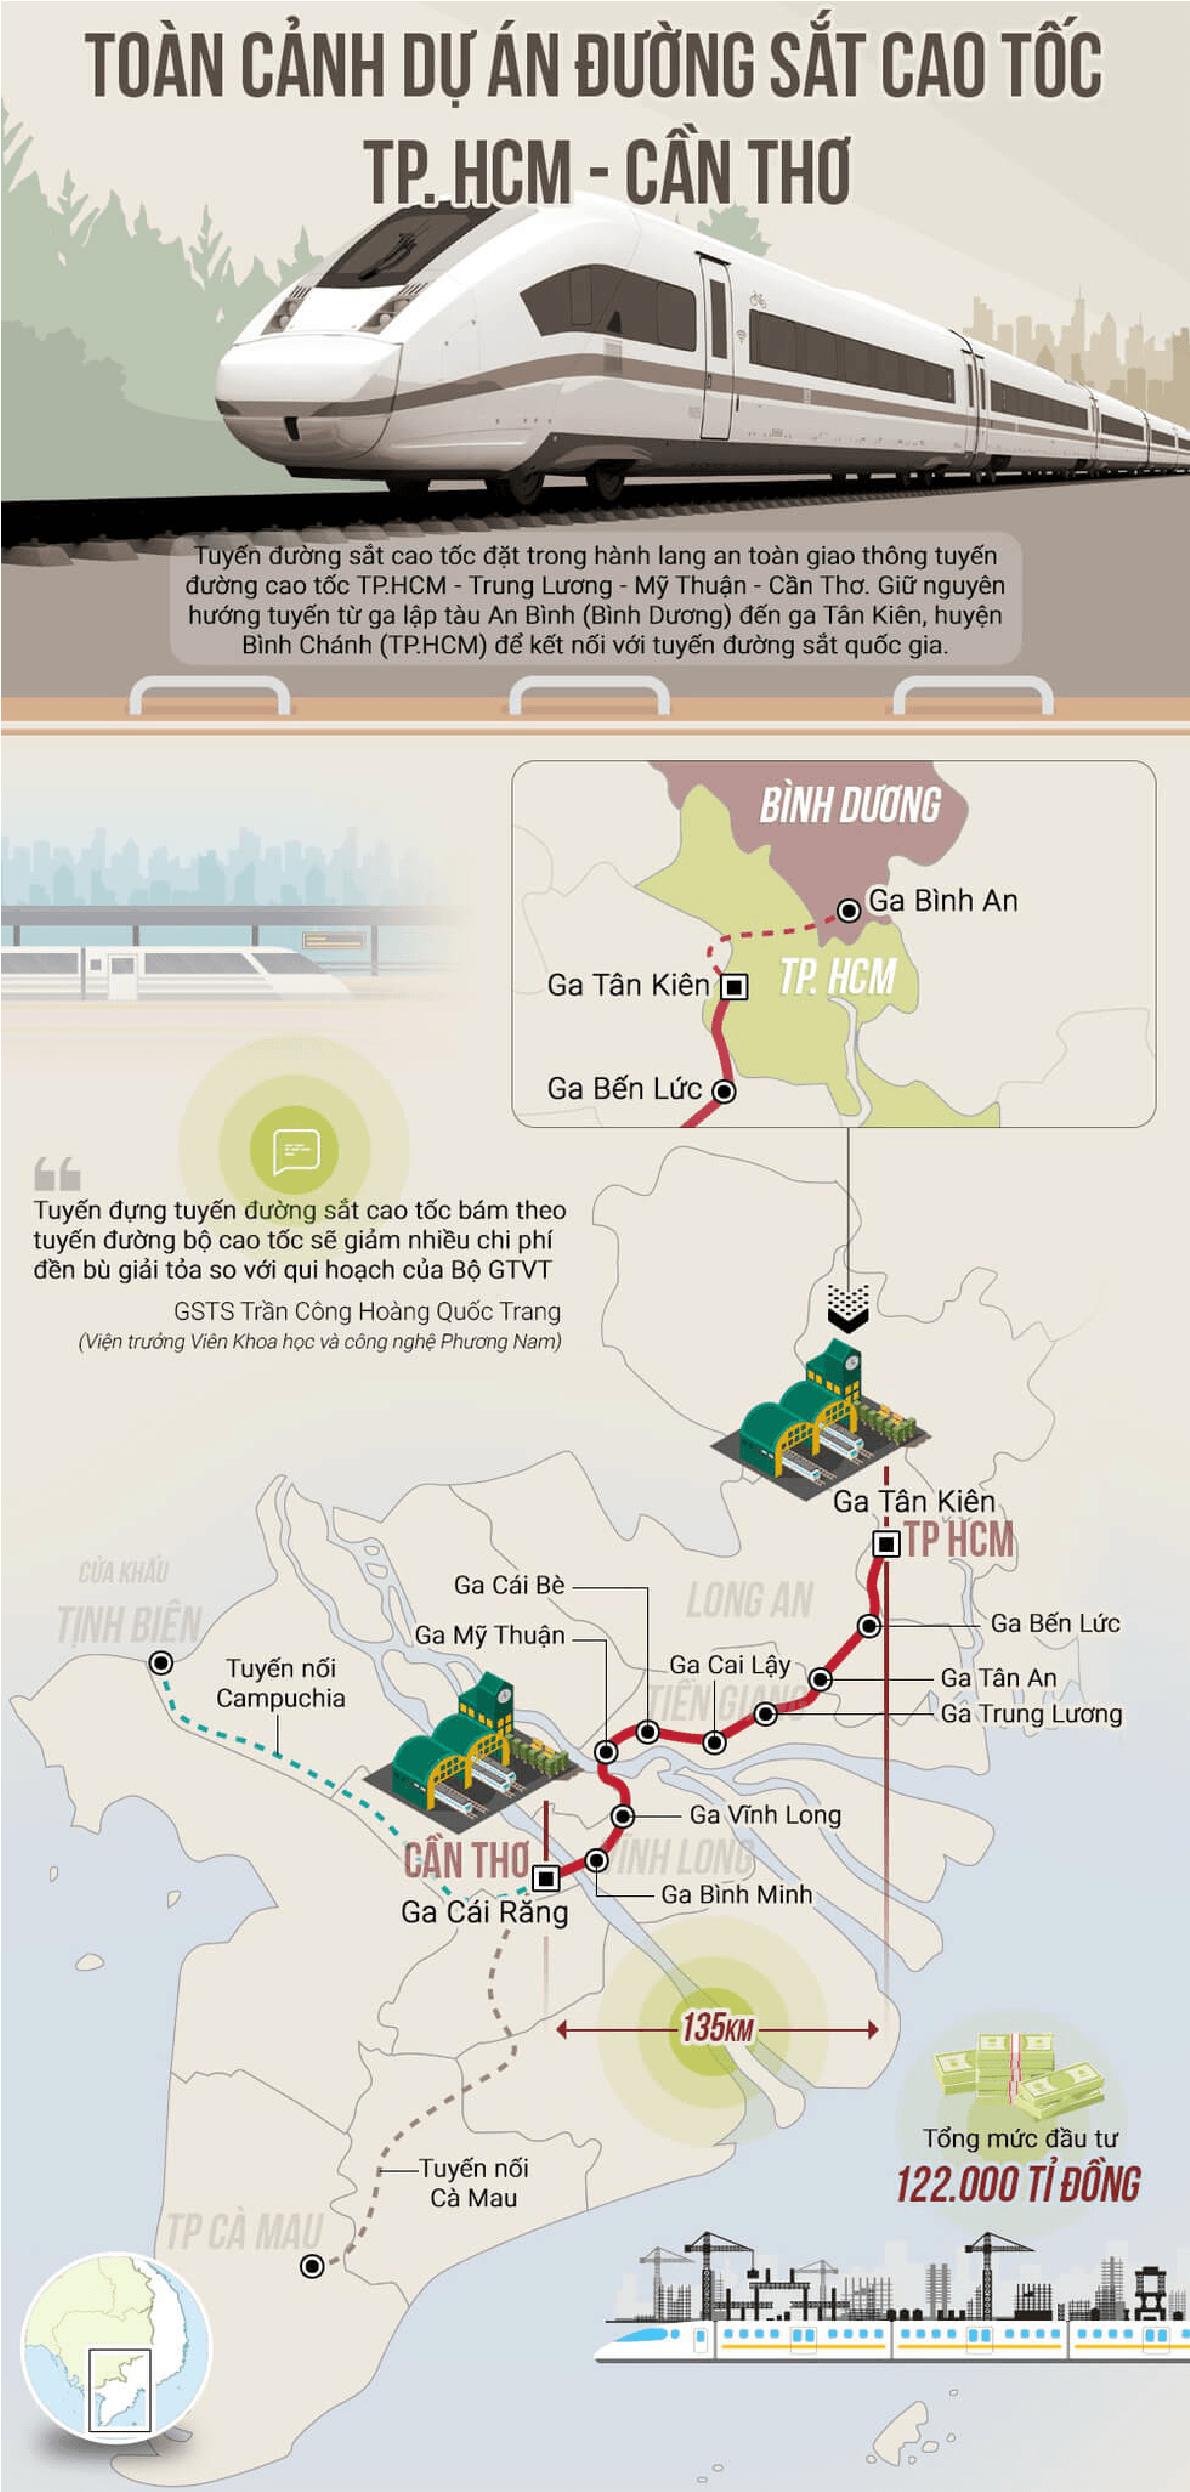 Toàn cảnh tuyến đường sắt (tàu chạy bằng điện) Tp.HCM – Cần Thơ.